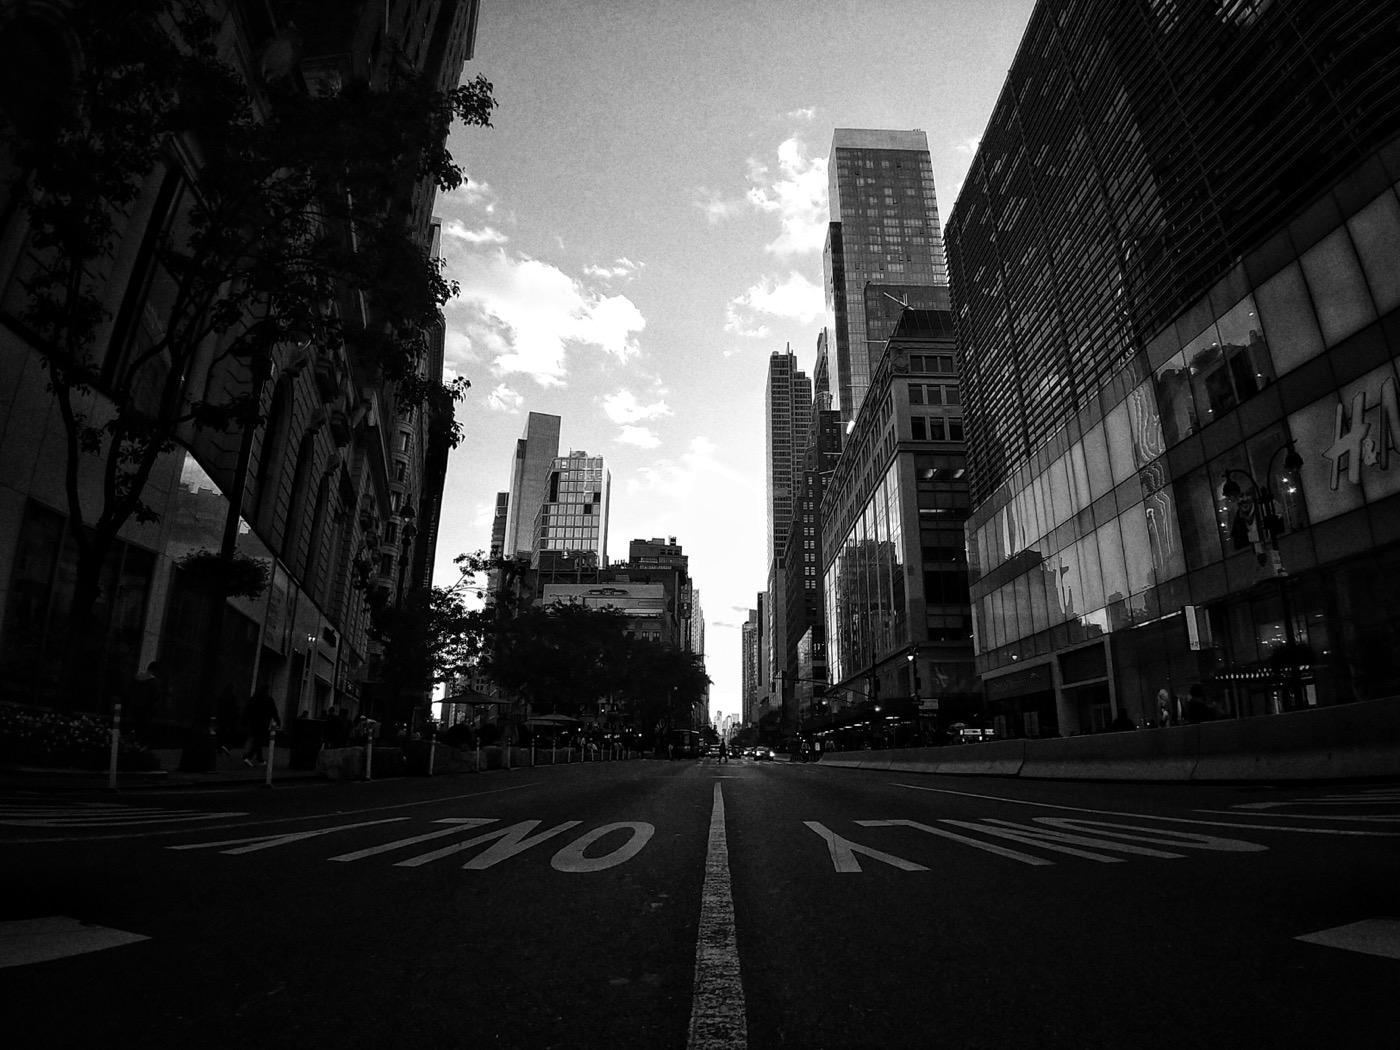 Guida di New York, Manhattan, 6th Avenue all'angolo con Herald Square